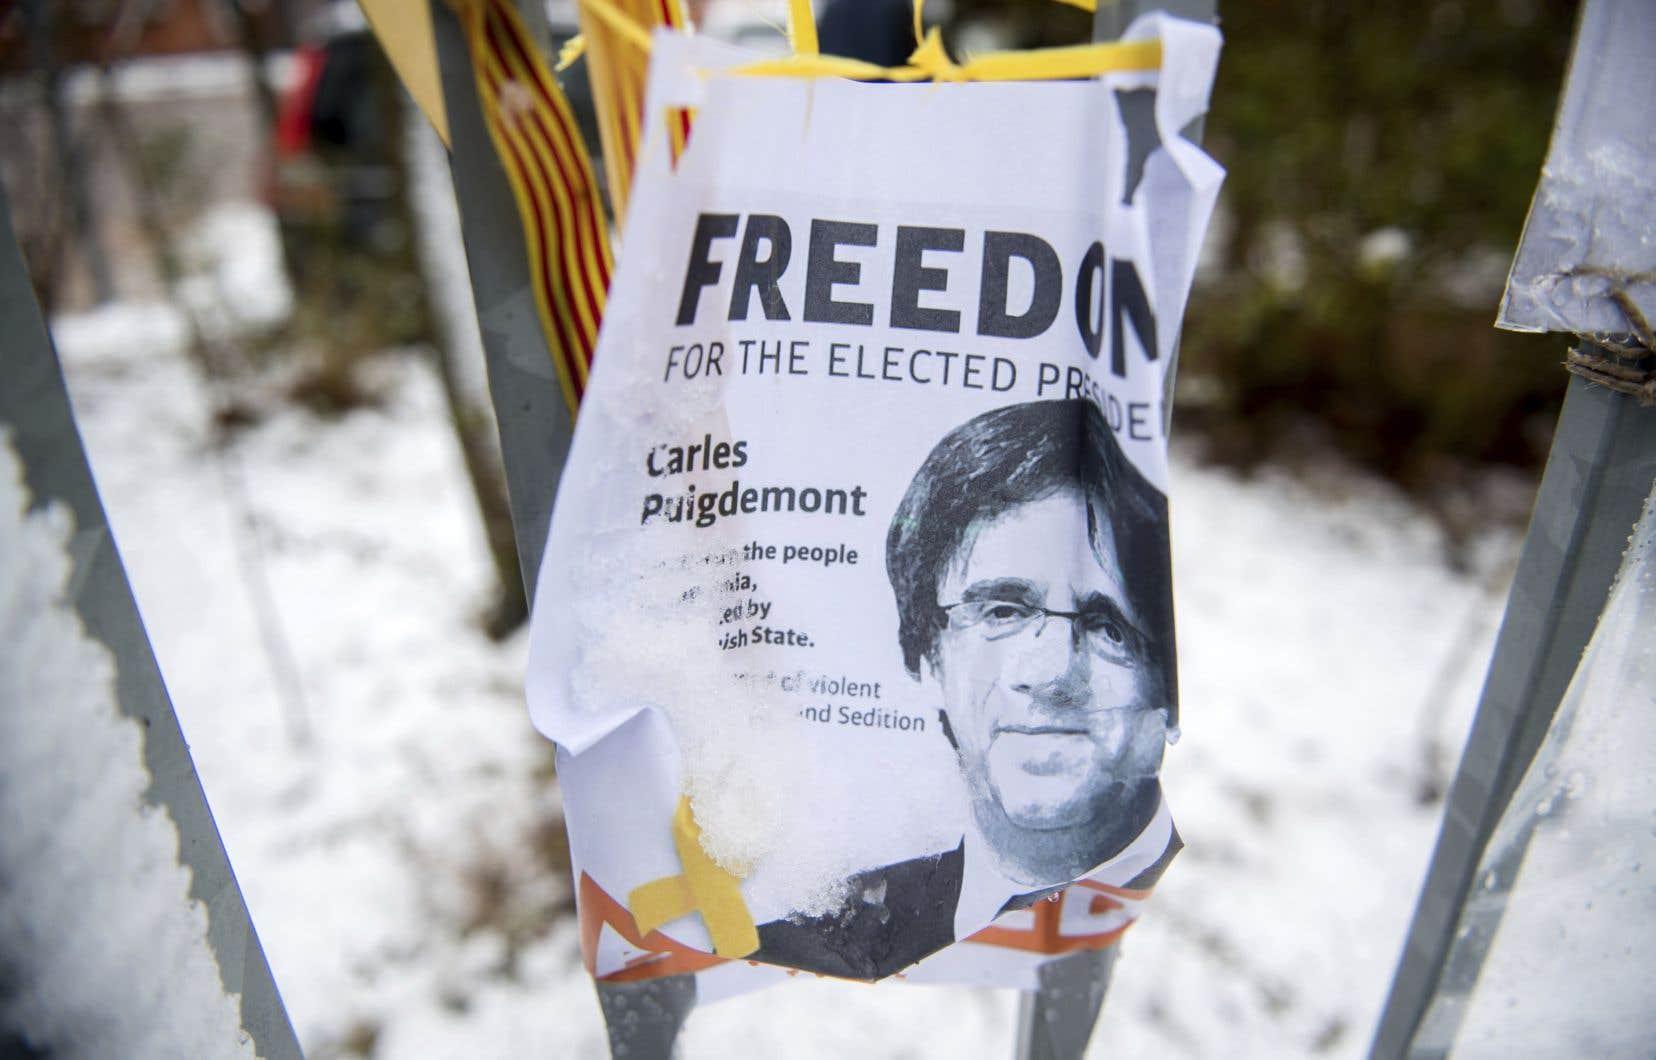 <p>Carles Puigdemont fait l'objet d'accusations graves en Espagne pour le rôle qu'il a joué dans l'organisation d'un référendum sur l'indépendance de la Catalogne.</p>